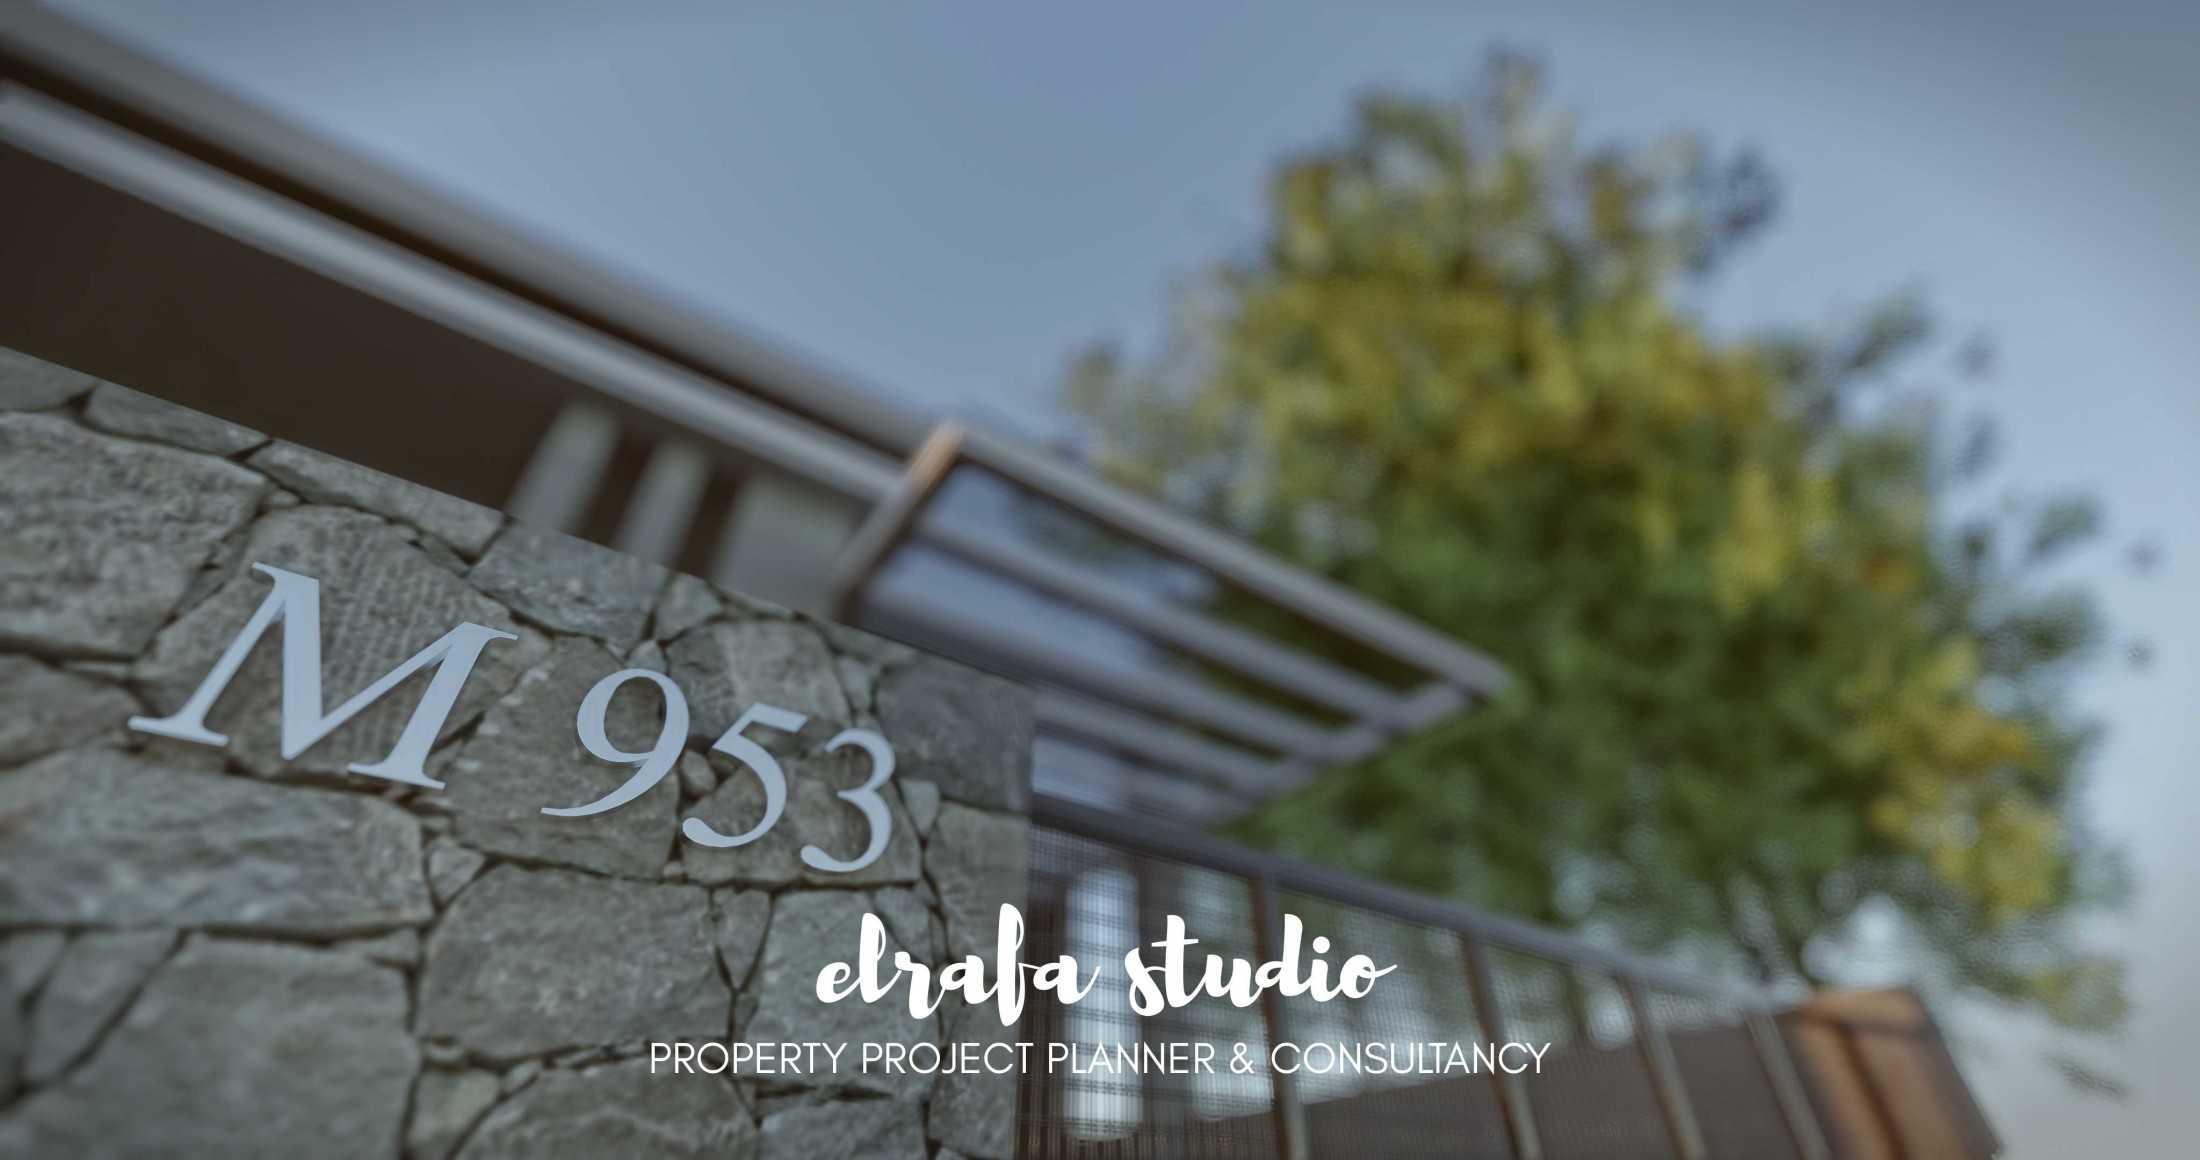 Elrafa Studio Desain Rumah Ba - Kalimantan Kalimantan Timur, Indonesia Kalimantan Timur, Indonesia Elrafa-Studio-Desain-Rumah-Bpk-Aris-Kalimantan  63523